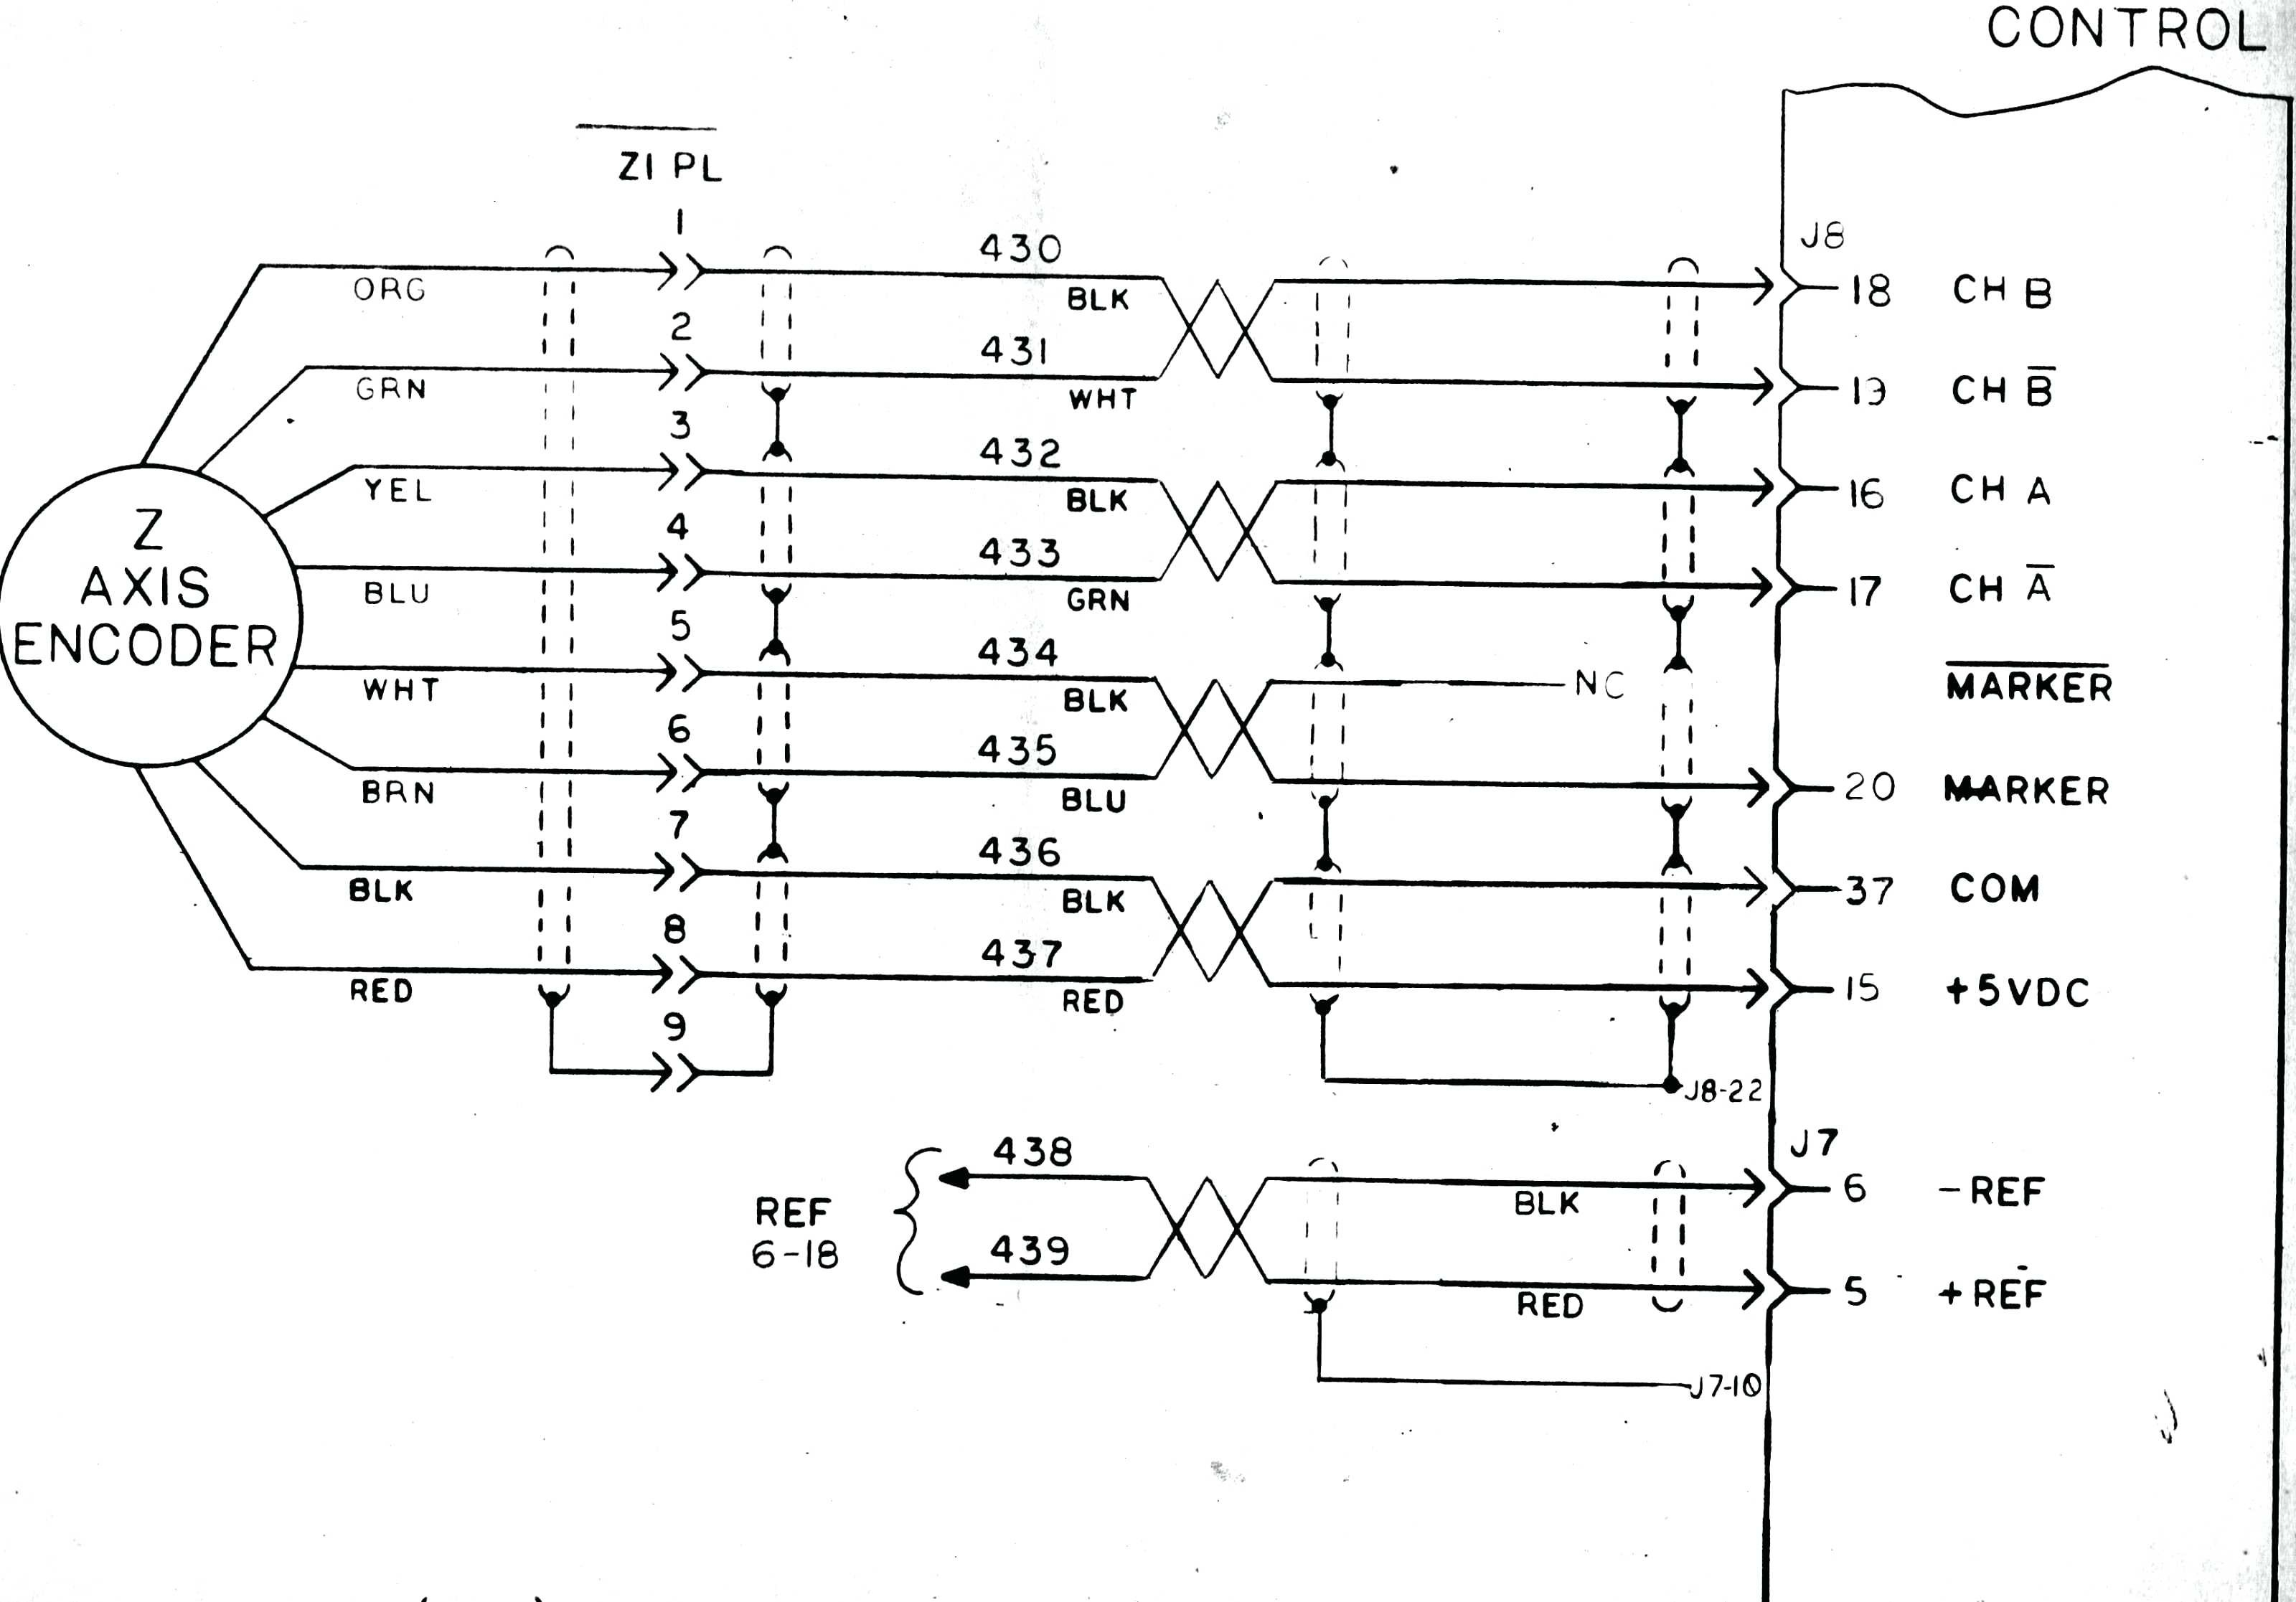 Sick Wiring Schematic Best Part Of Wiring Diagram